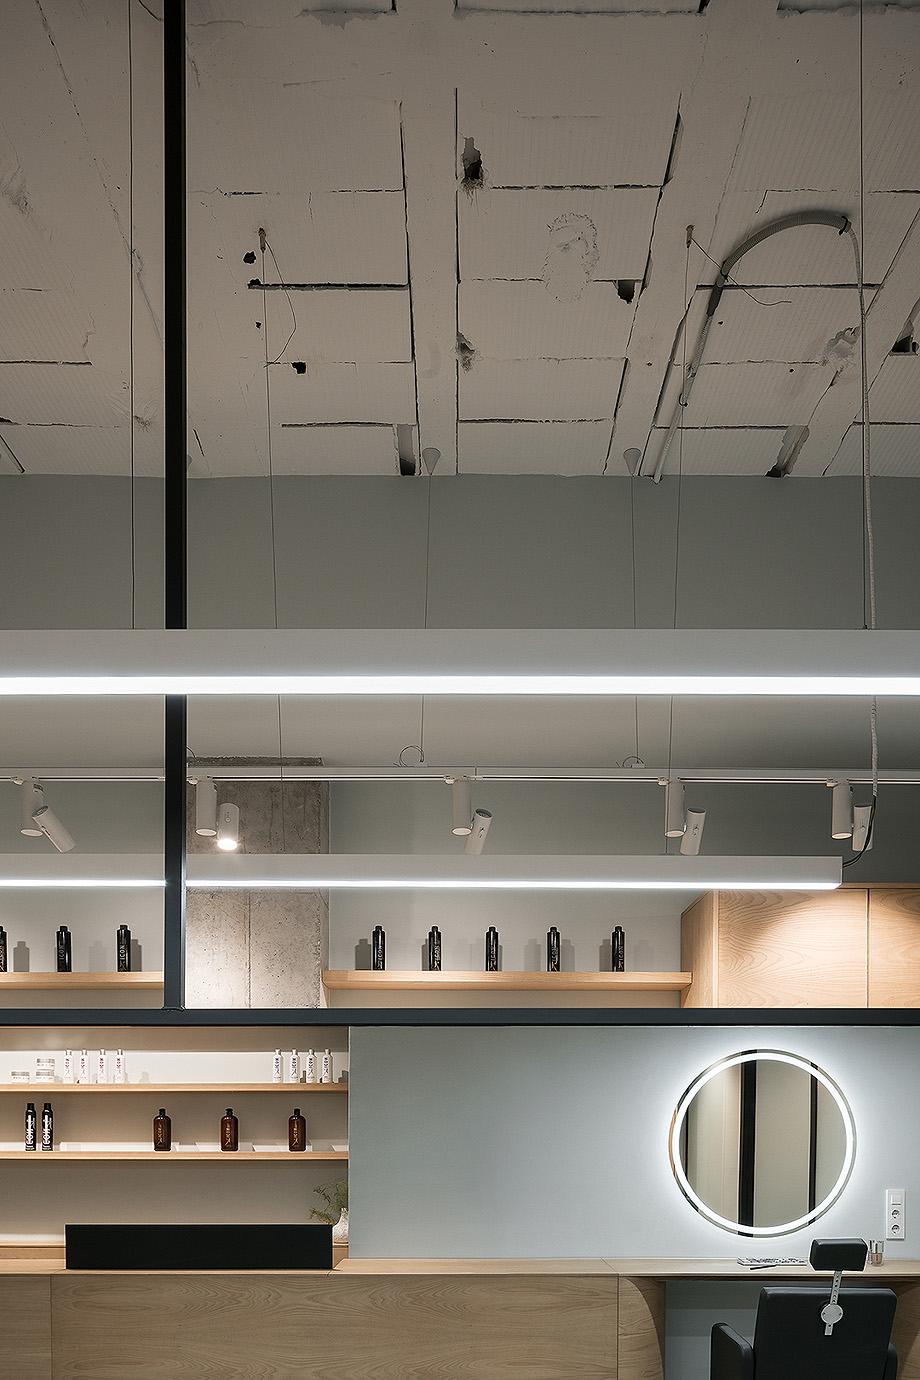 peluquería sonia portela de nan arquitectos - foto ivan casal nieto (19)